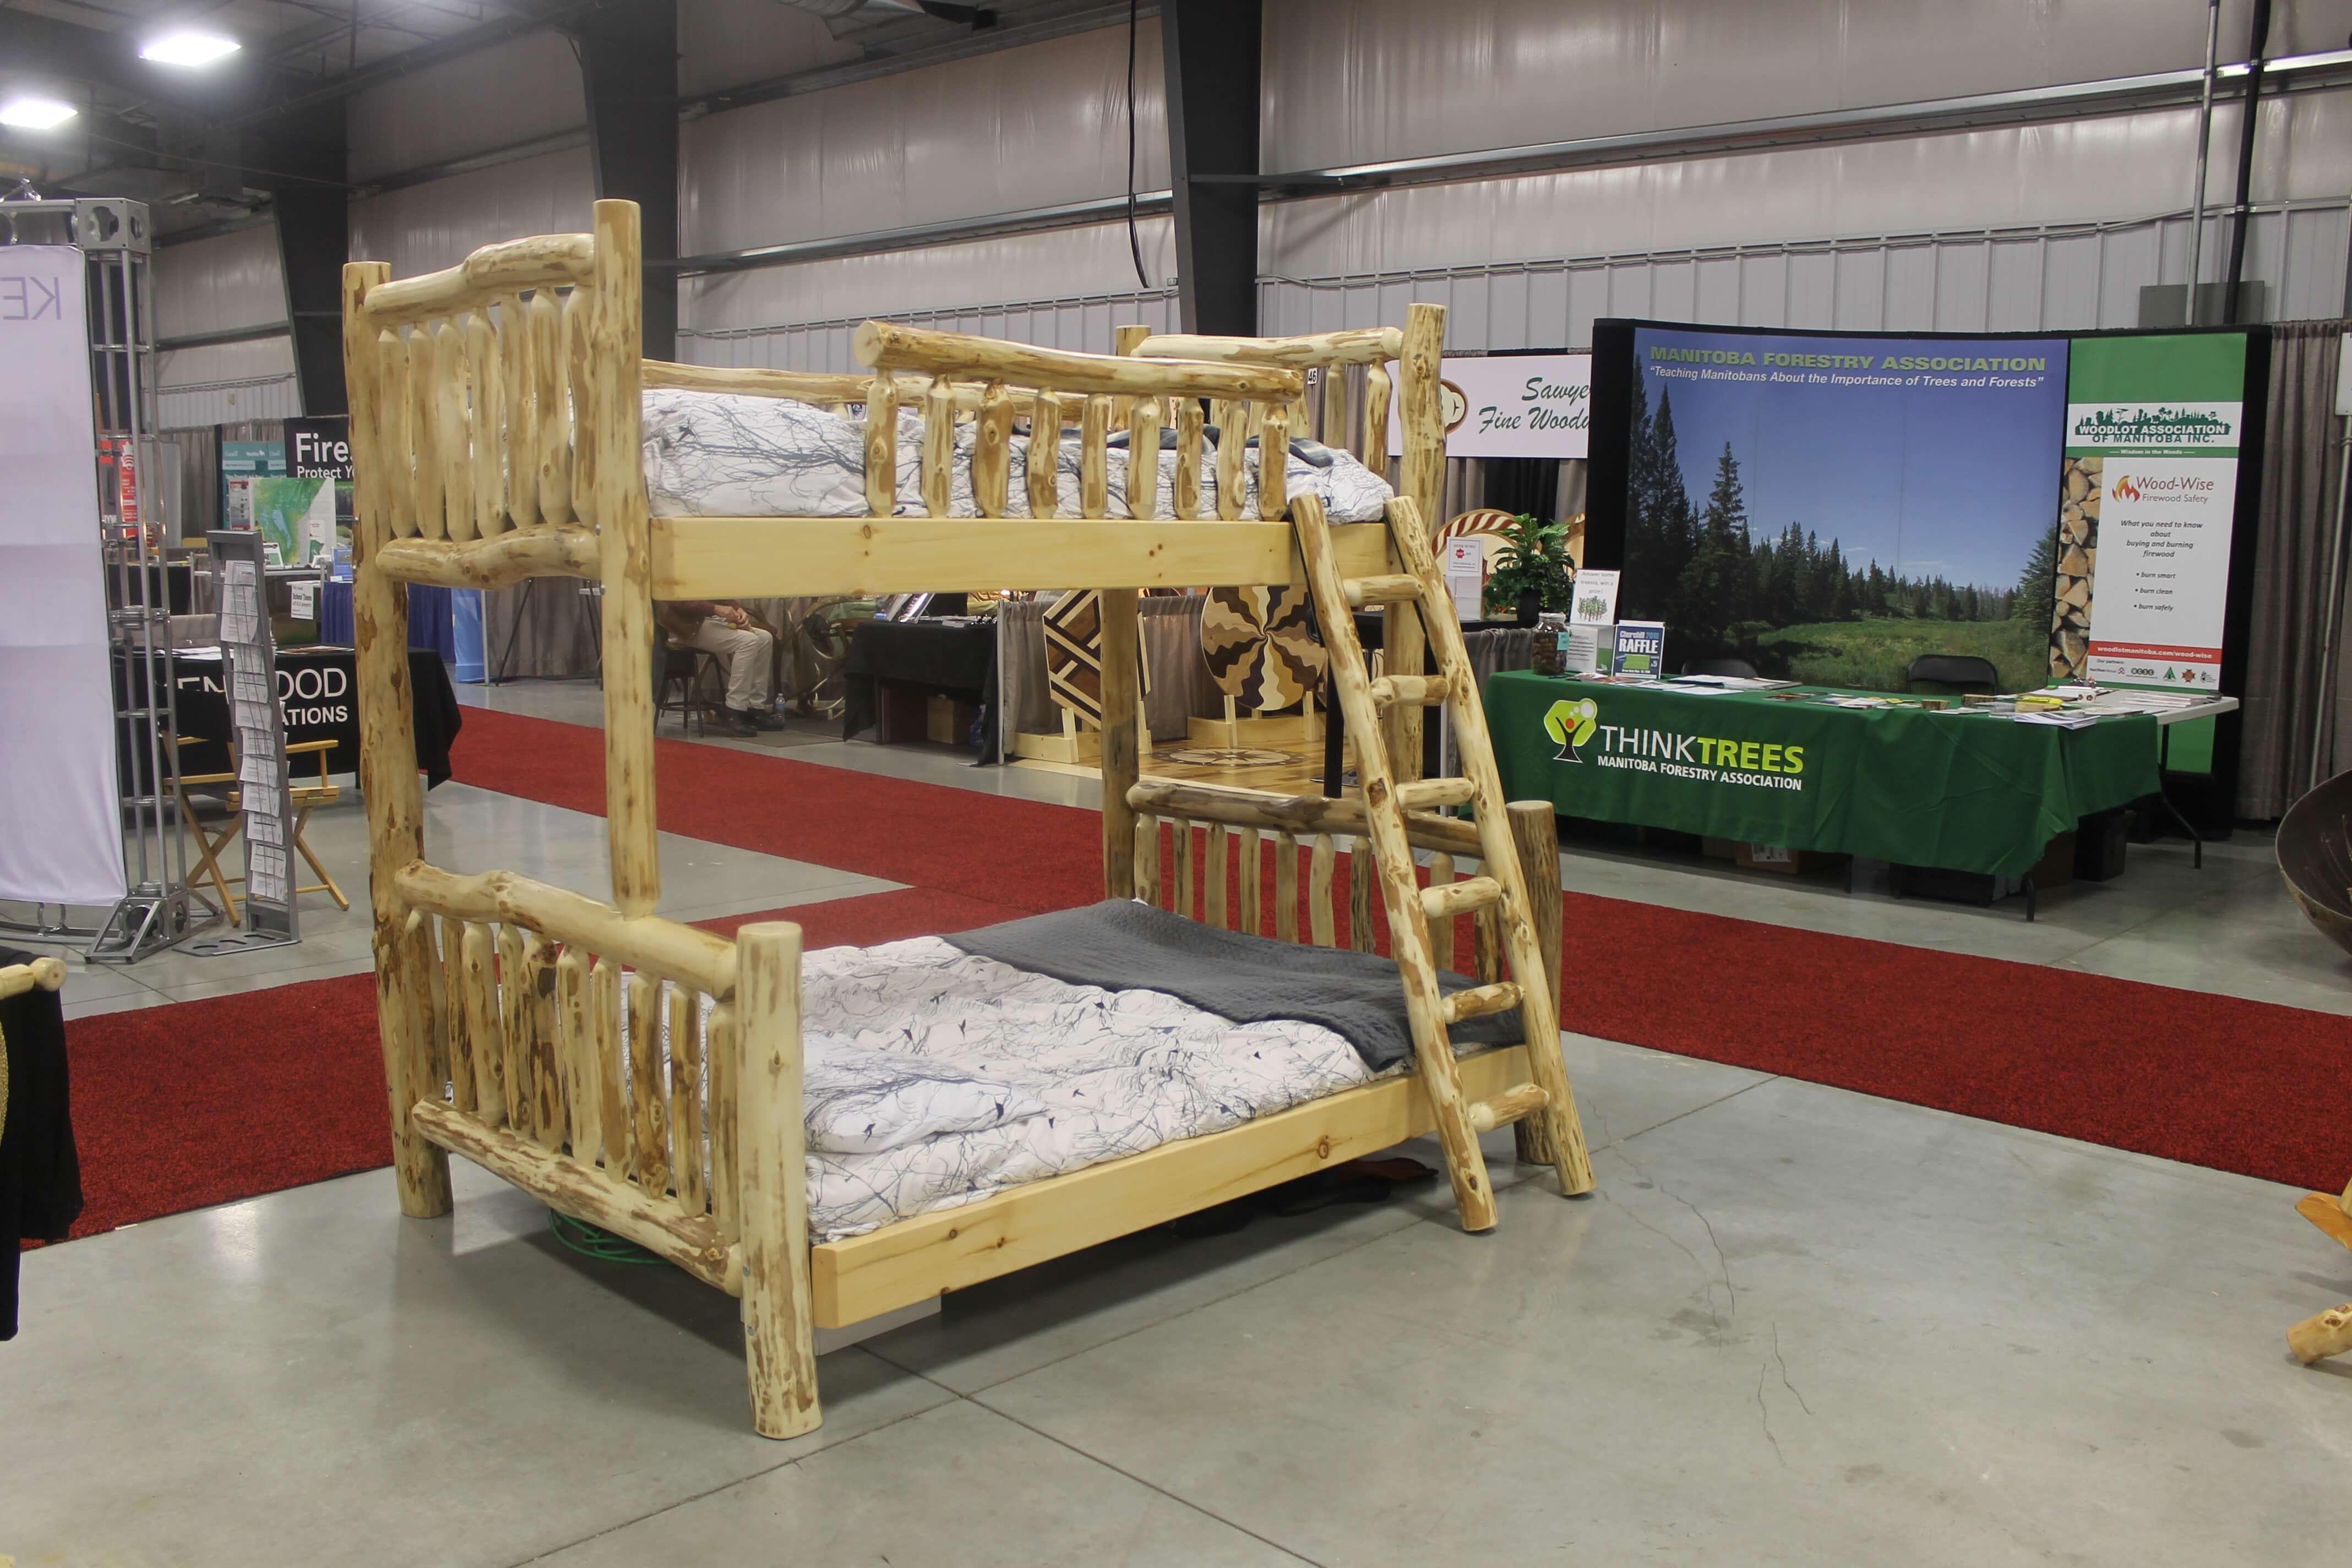 Pioneers Bunk Beds